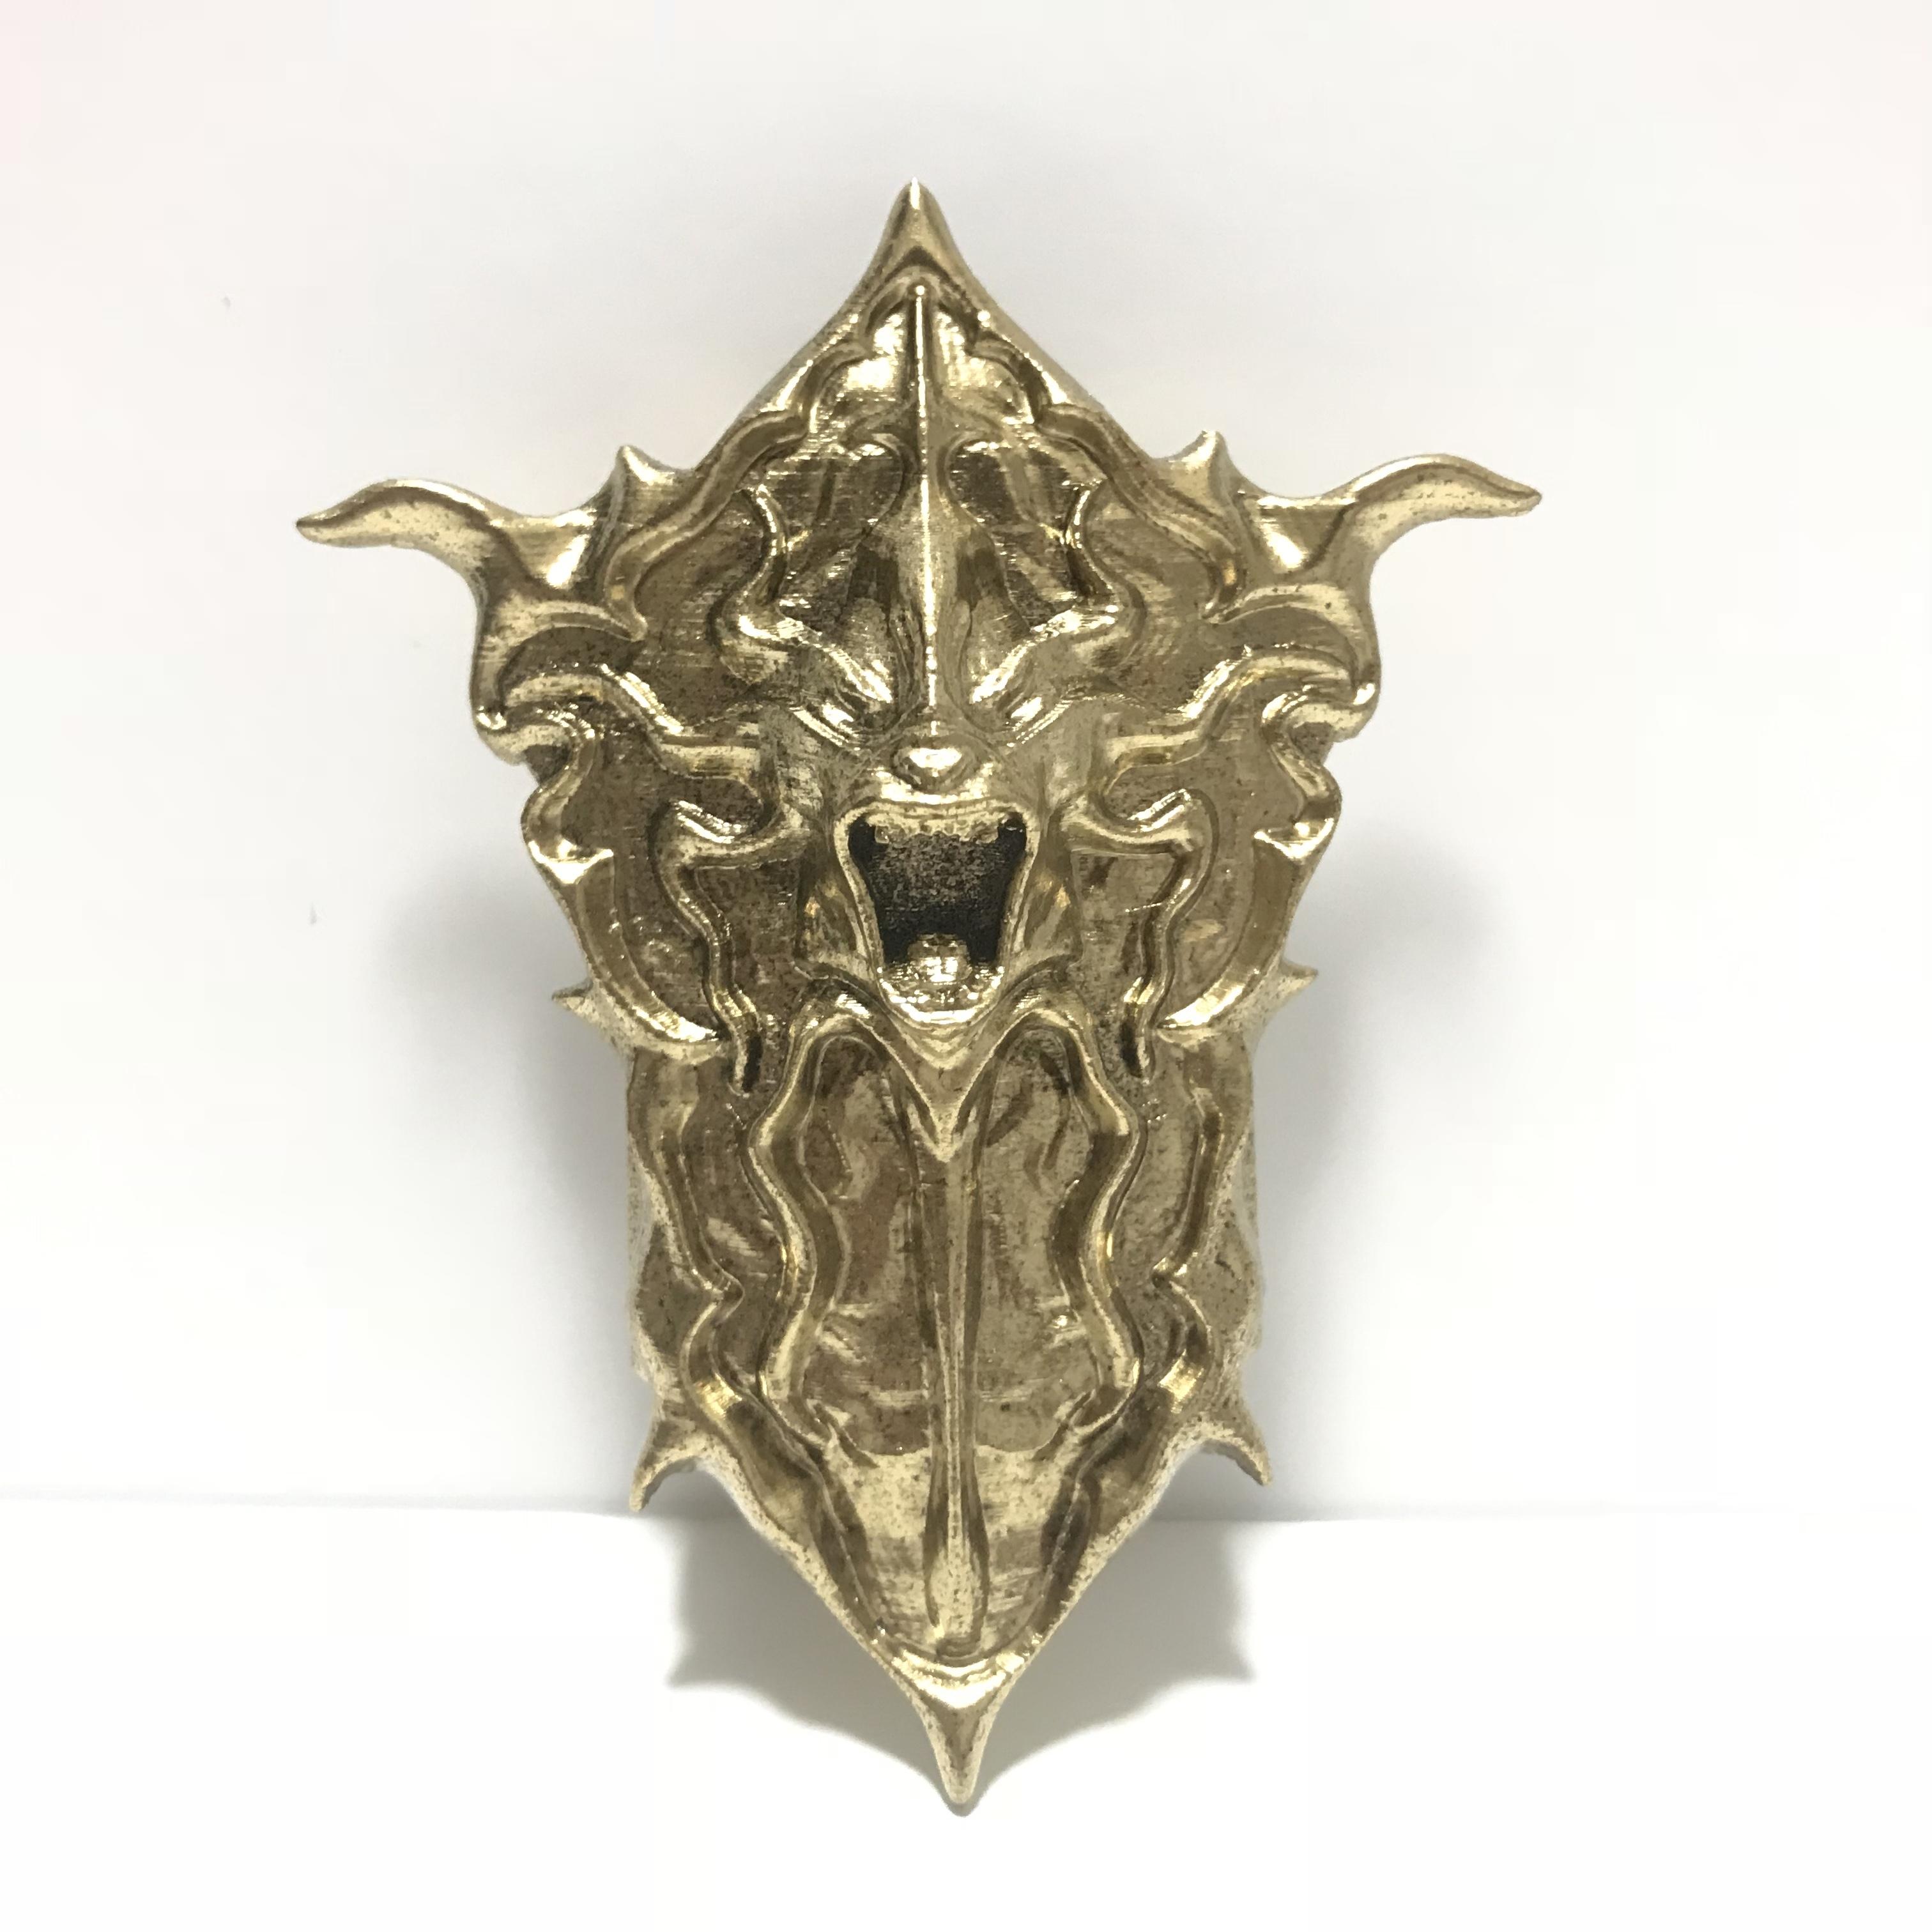 サイドレイルシールド/デーモン Side Rail Shield Demon